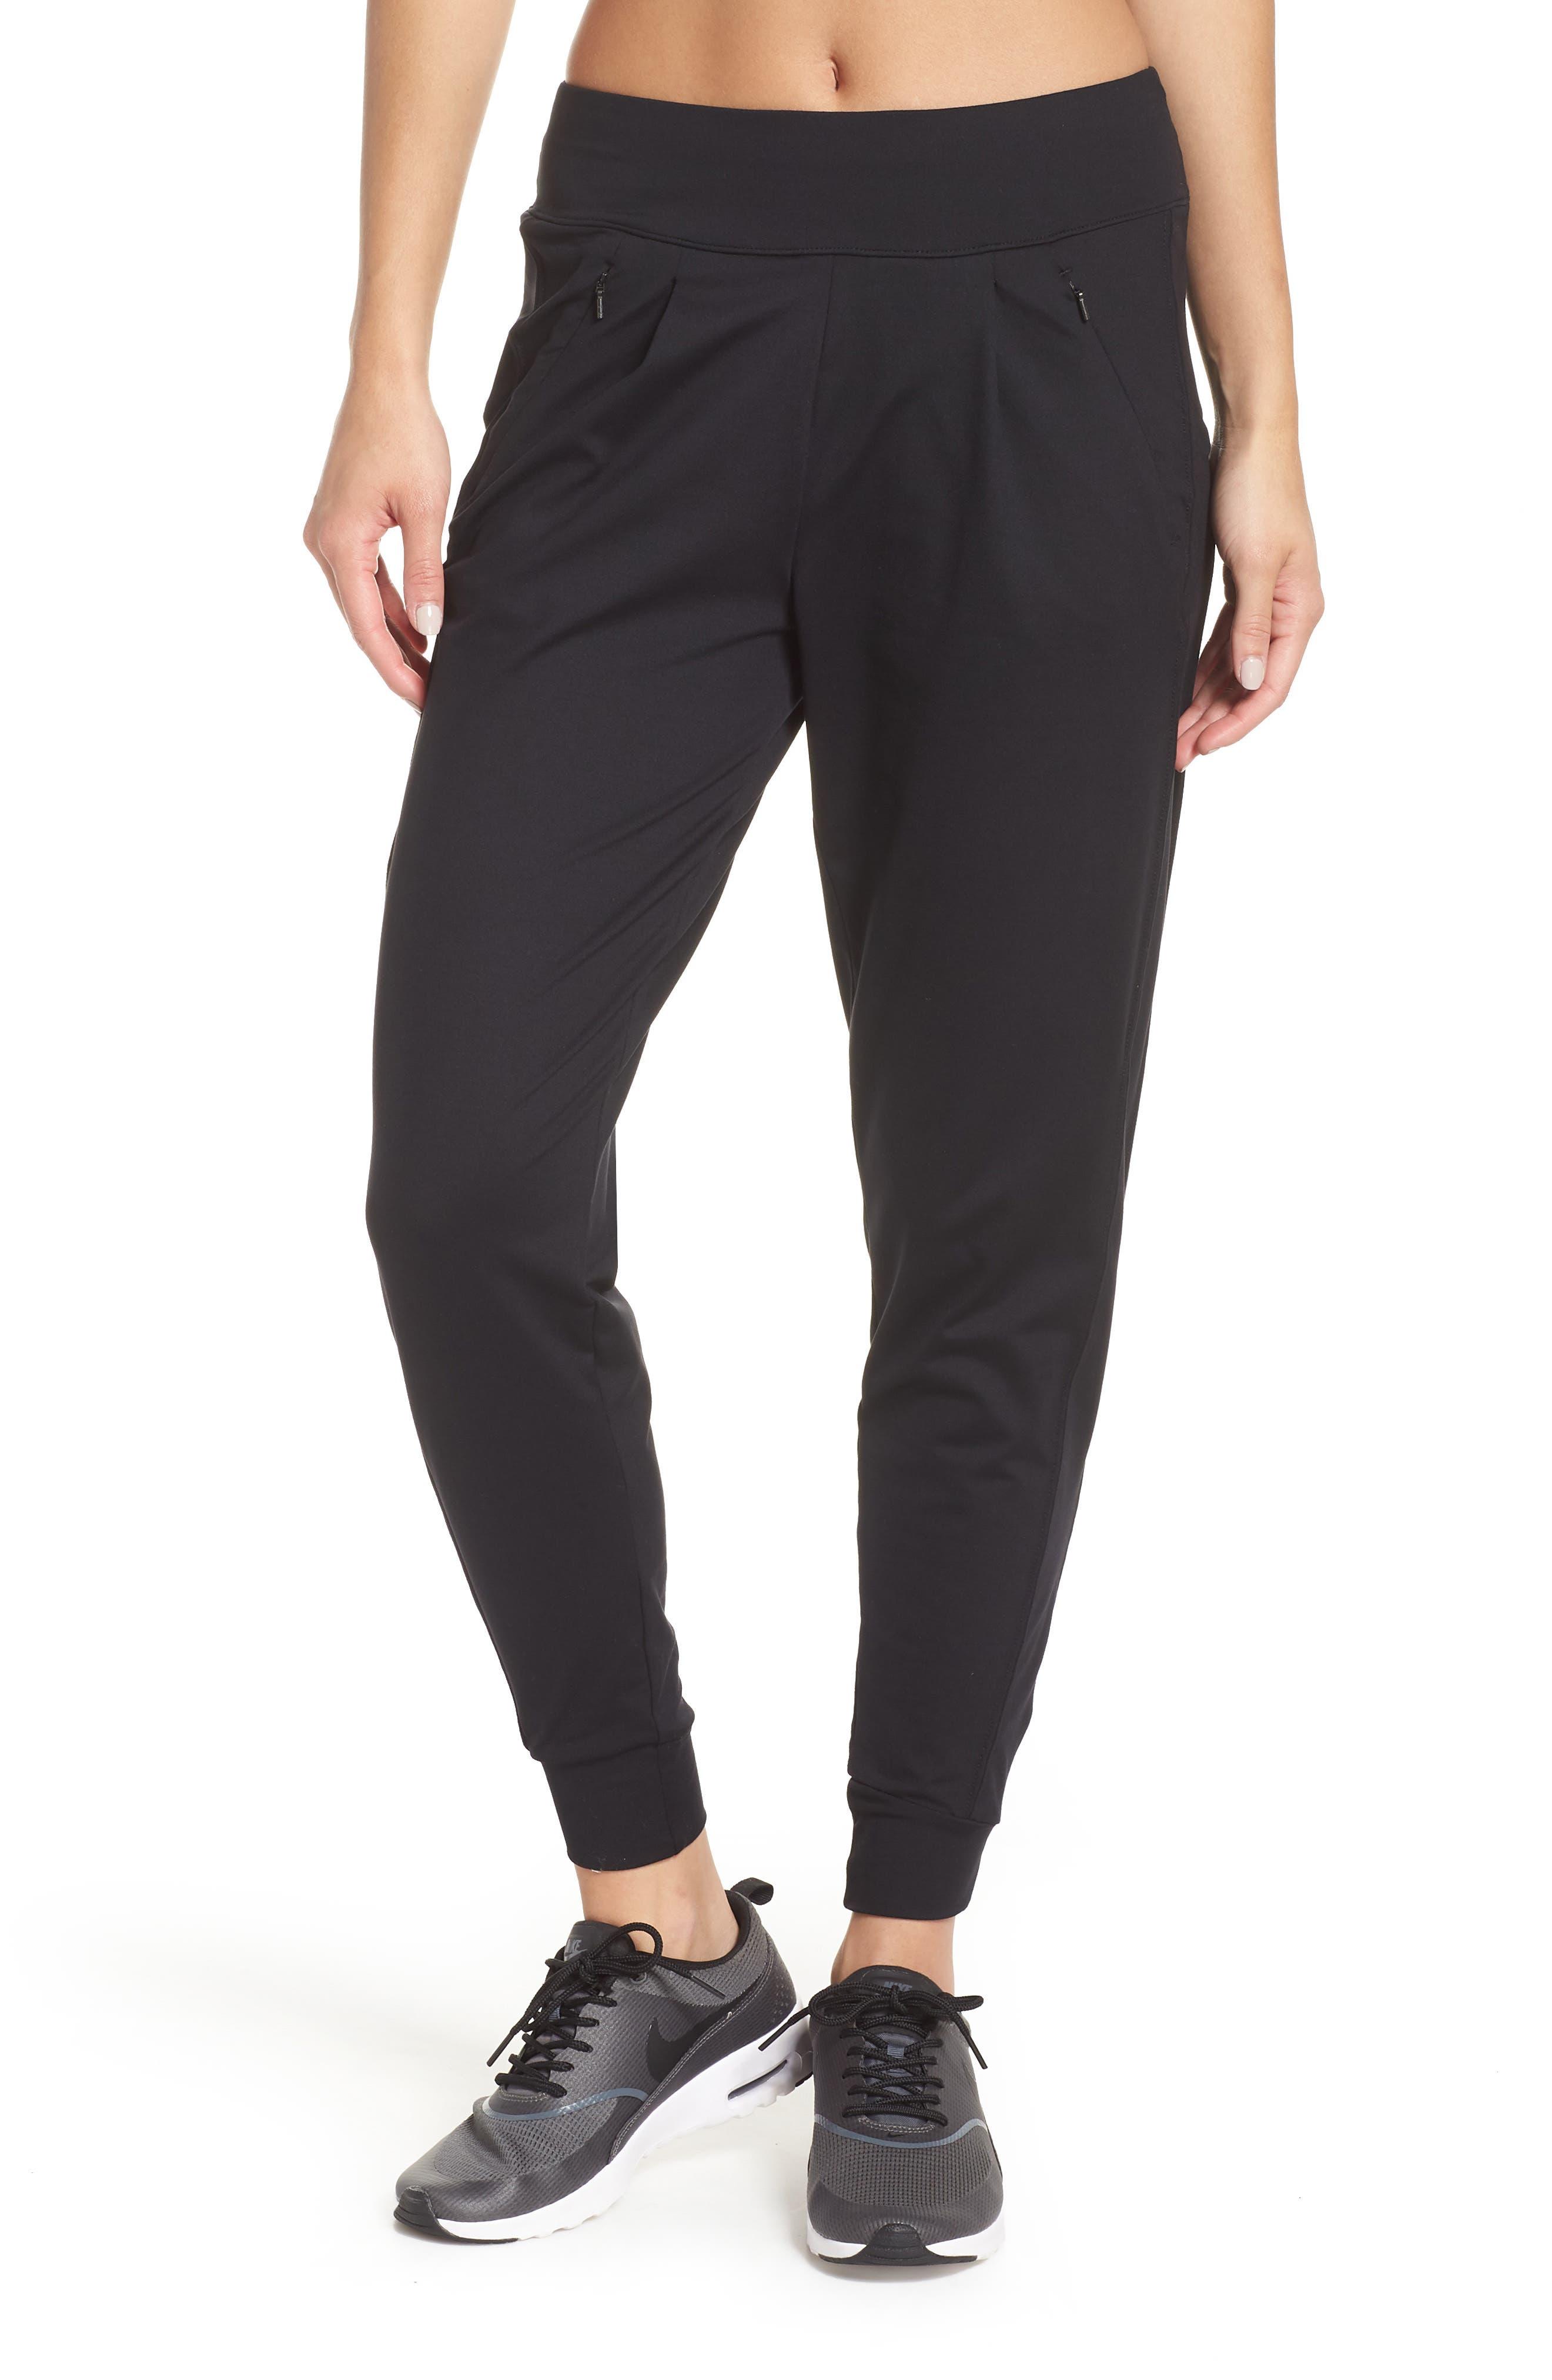 Taylor Slim Recycled Knit Jogger Pants,                             Main thumbnail 1, color,                             BLACK